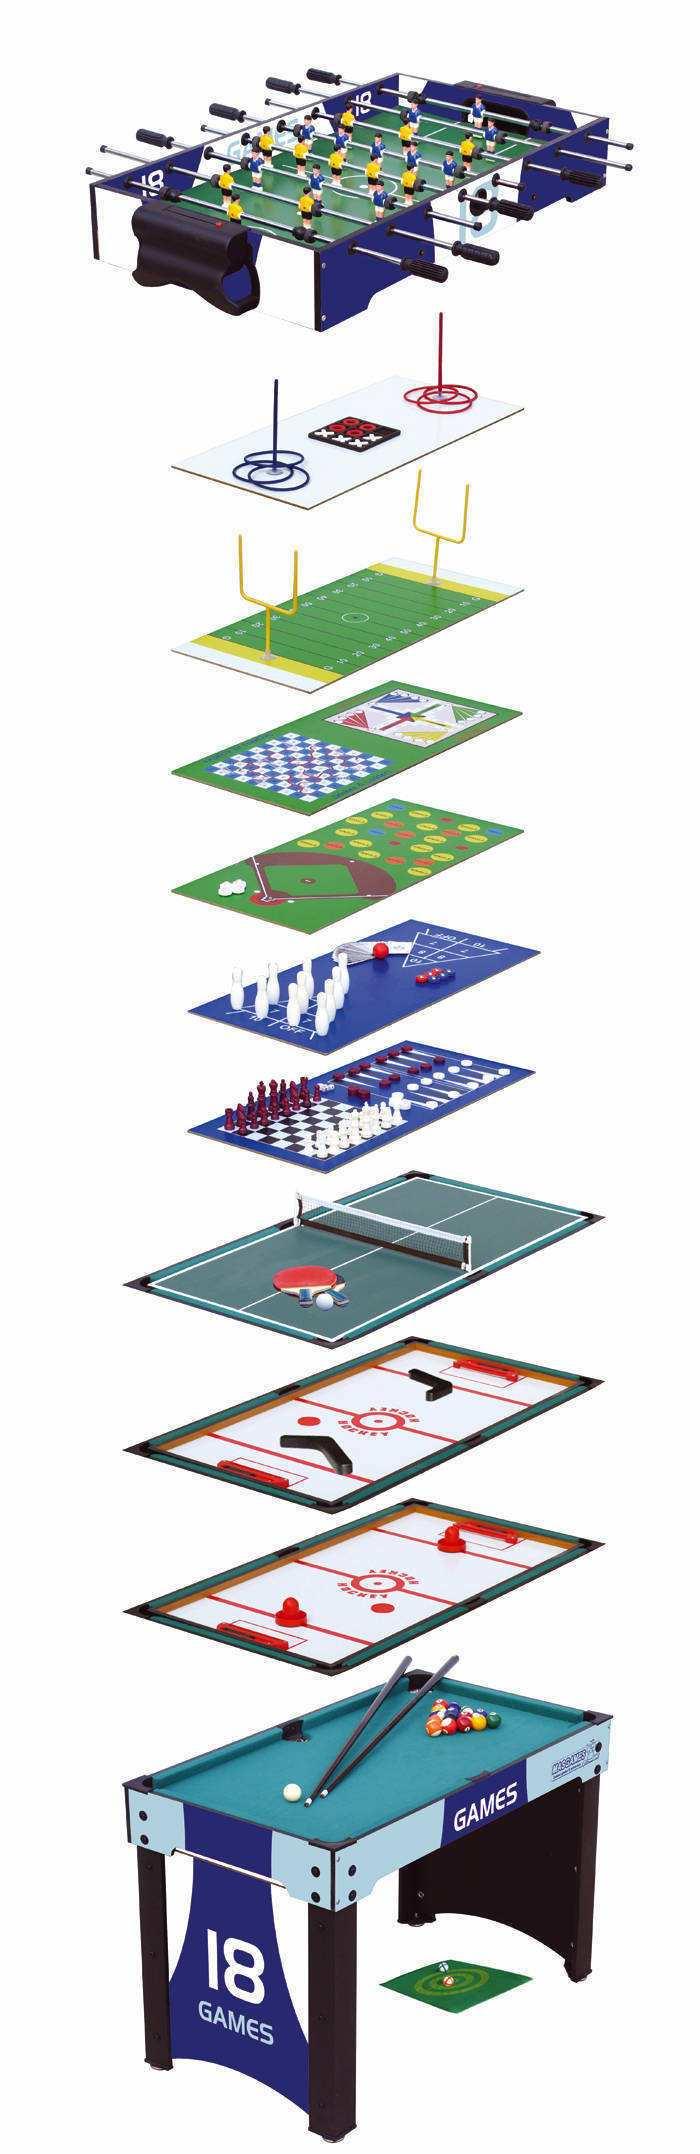 Comprar mesas de air hockey billar futbolines y for Mesa de billar para ninos